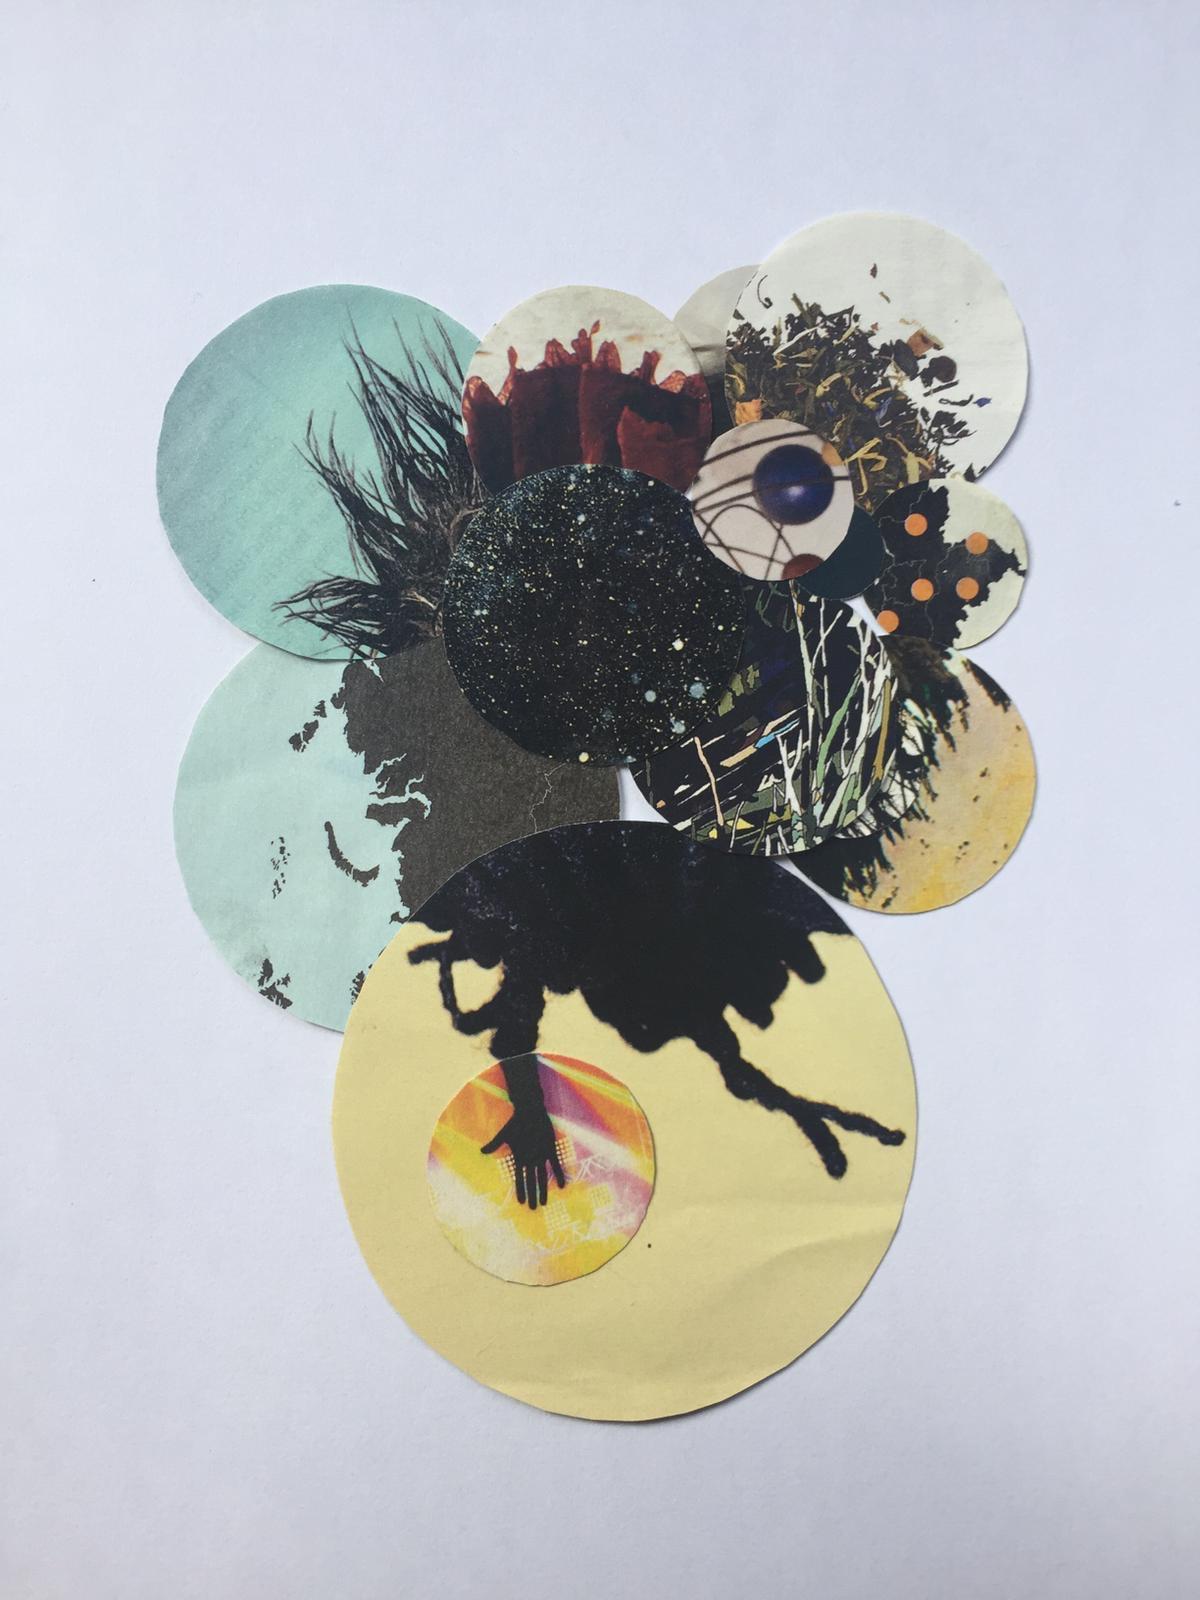 vogelcollage van Hanneke Adelaar